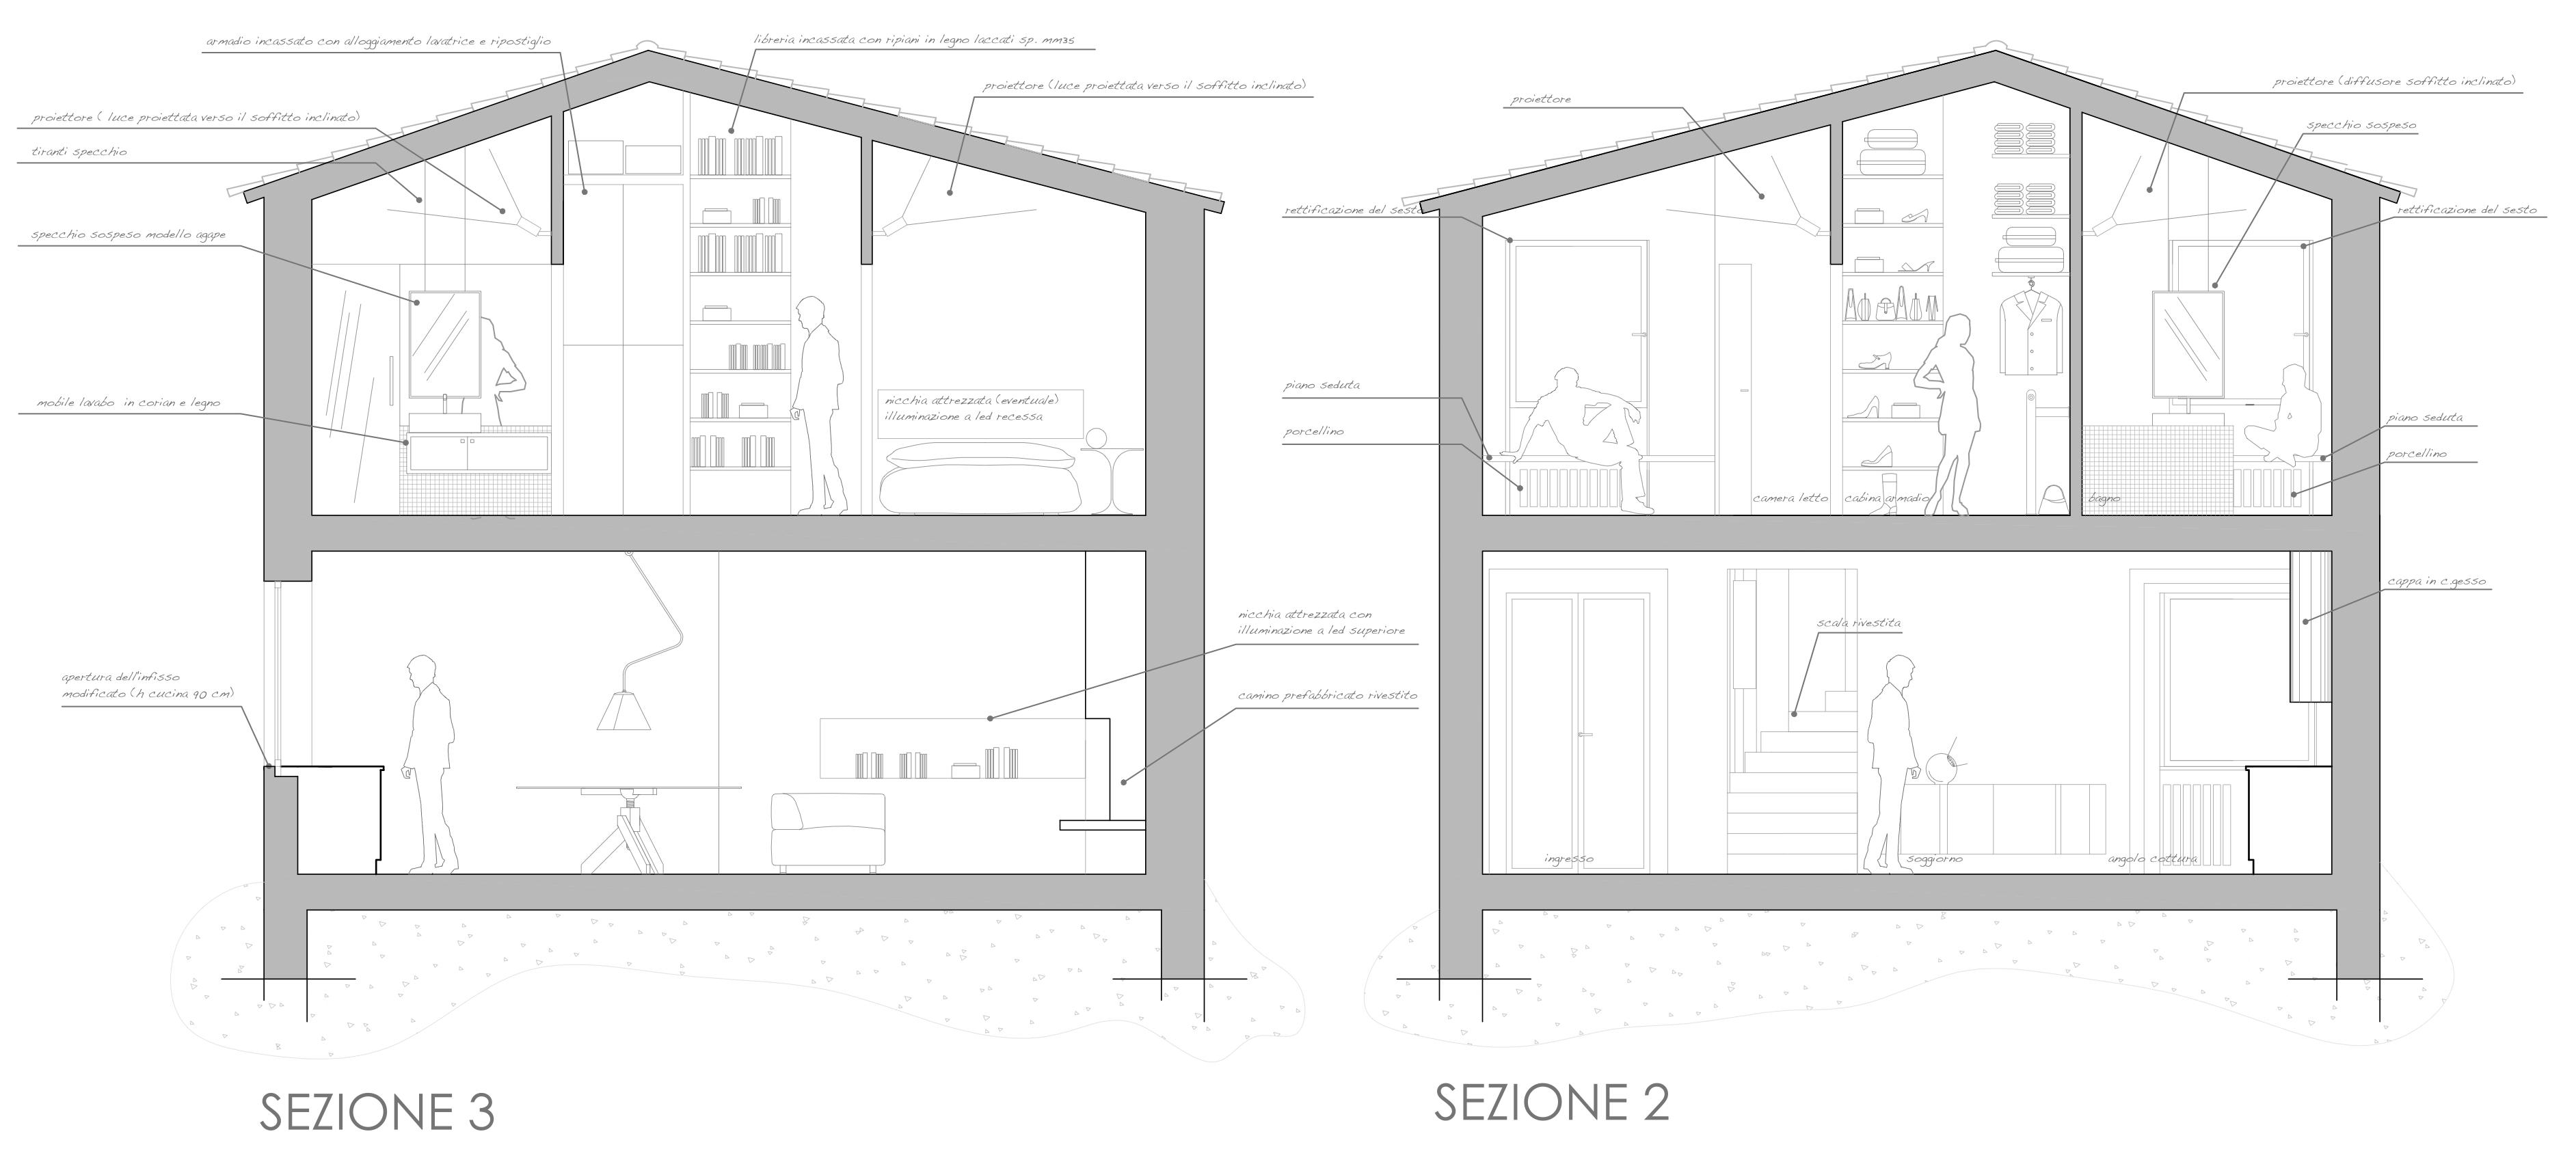 Scritto di notte blog di progetti idee e sconfinamenti vari for Piani di casa di architettura